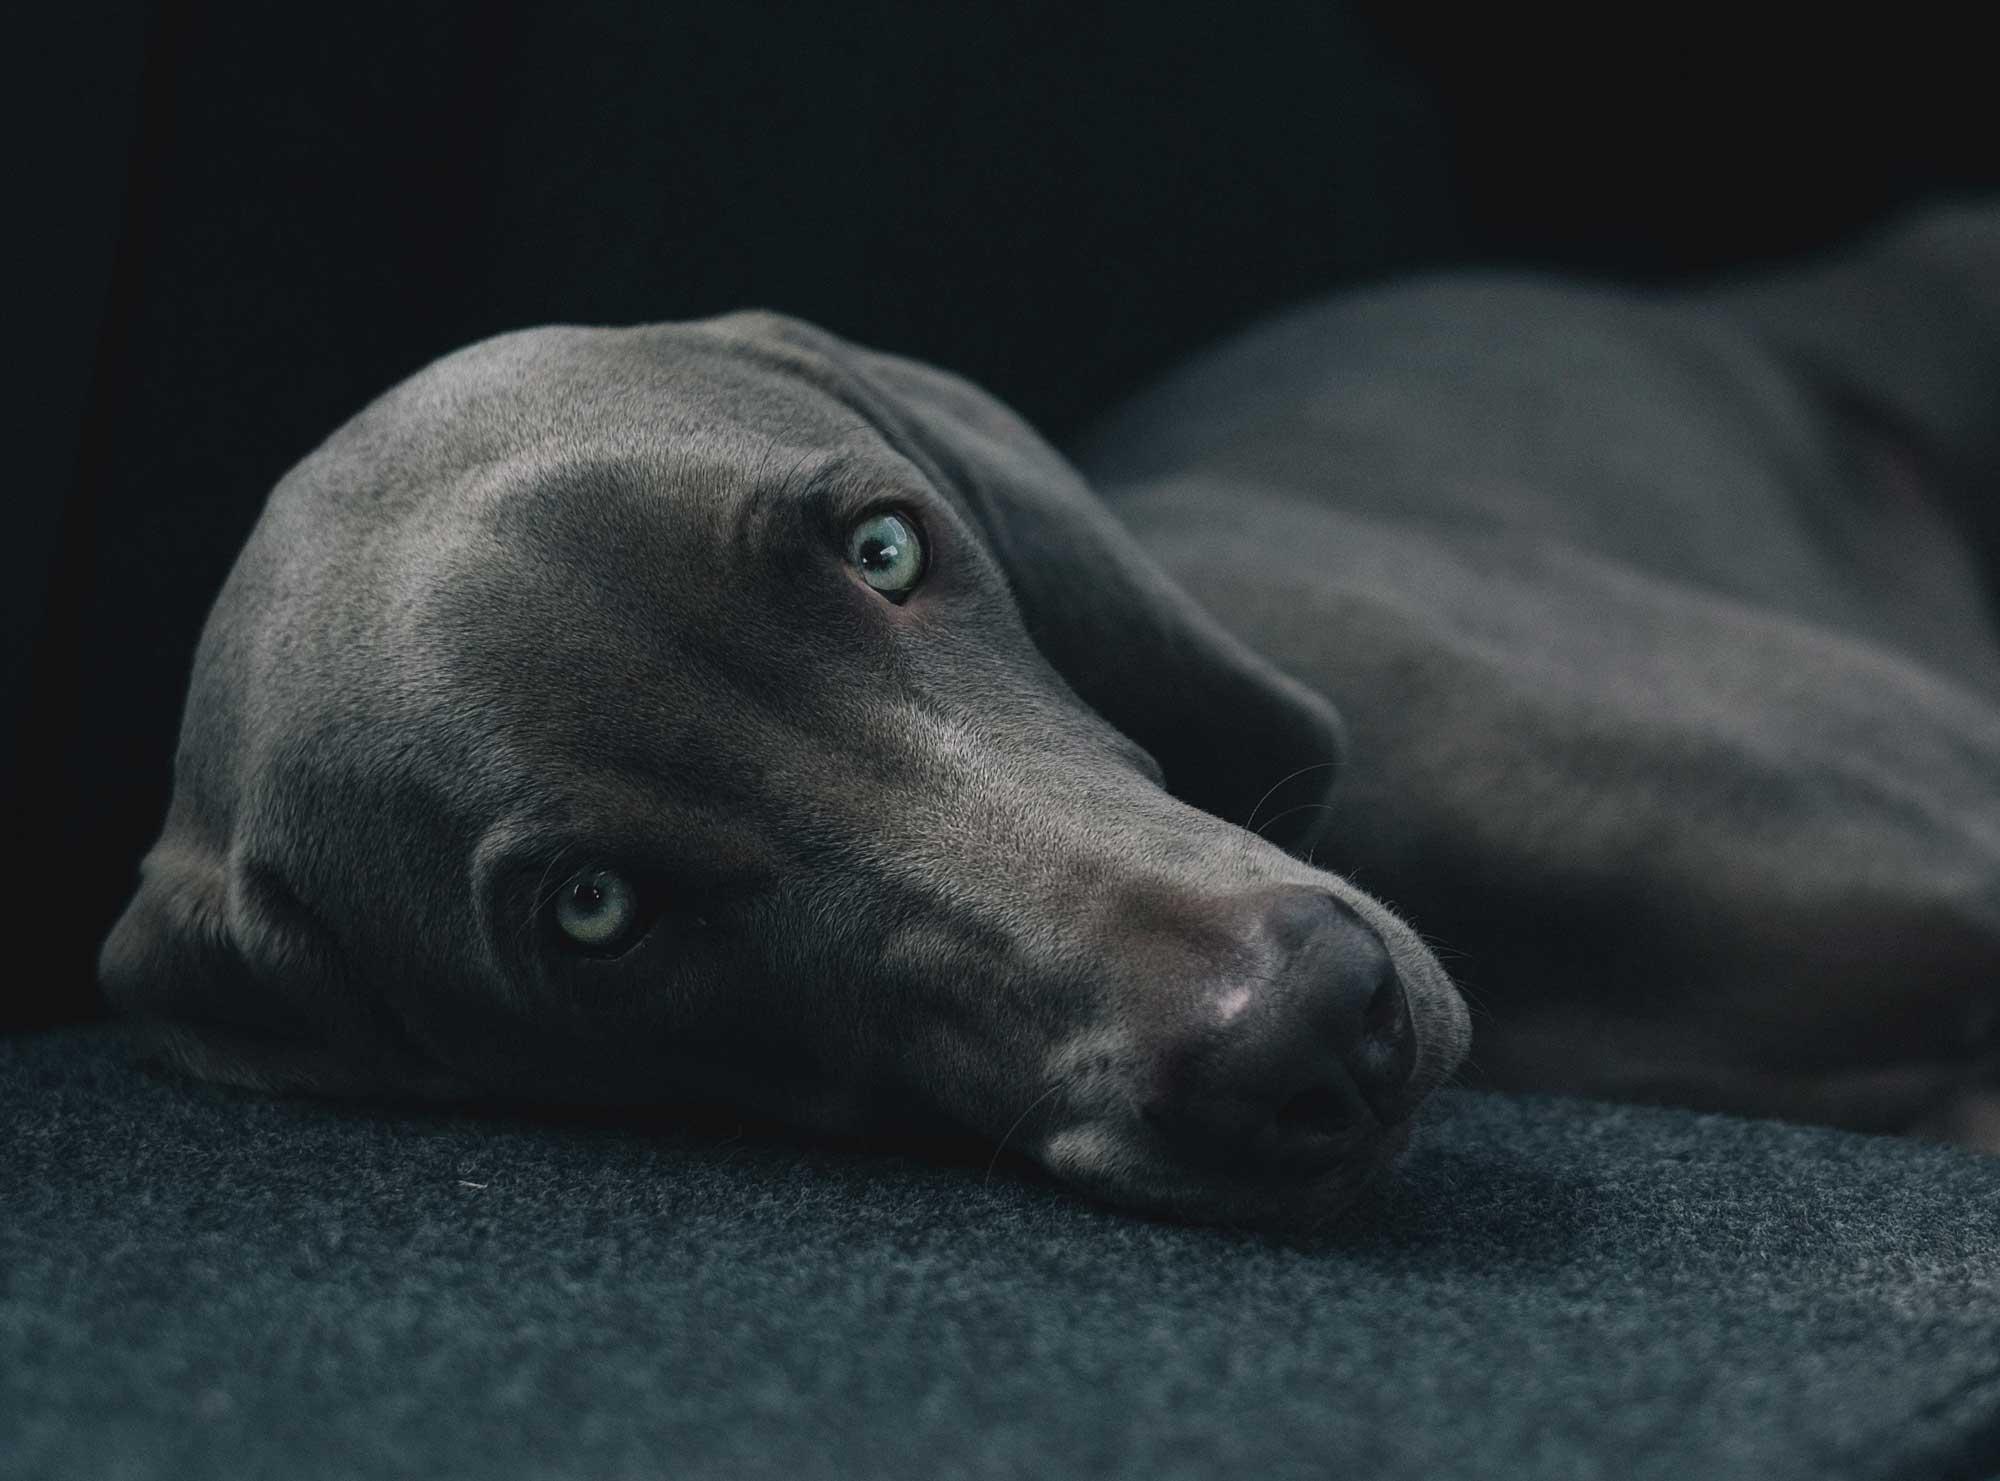 perros-y-mascotas-petyzoo